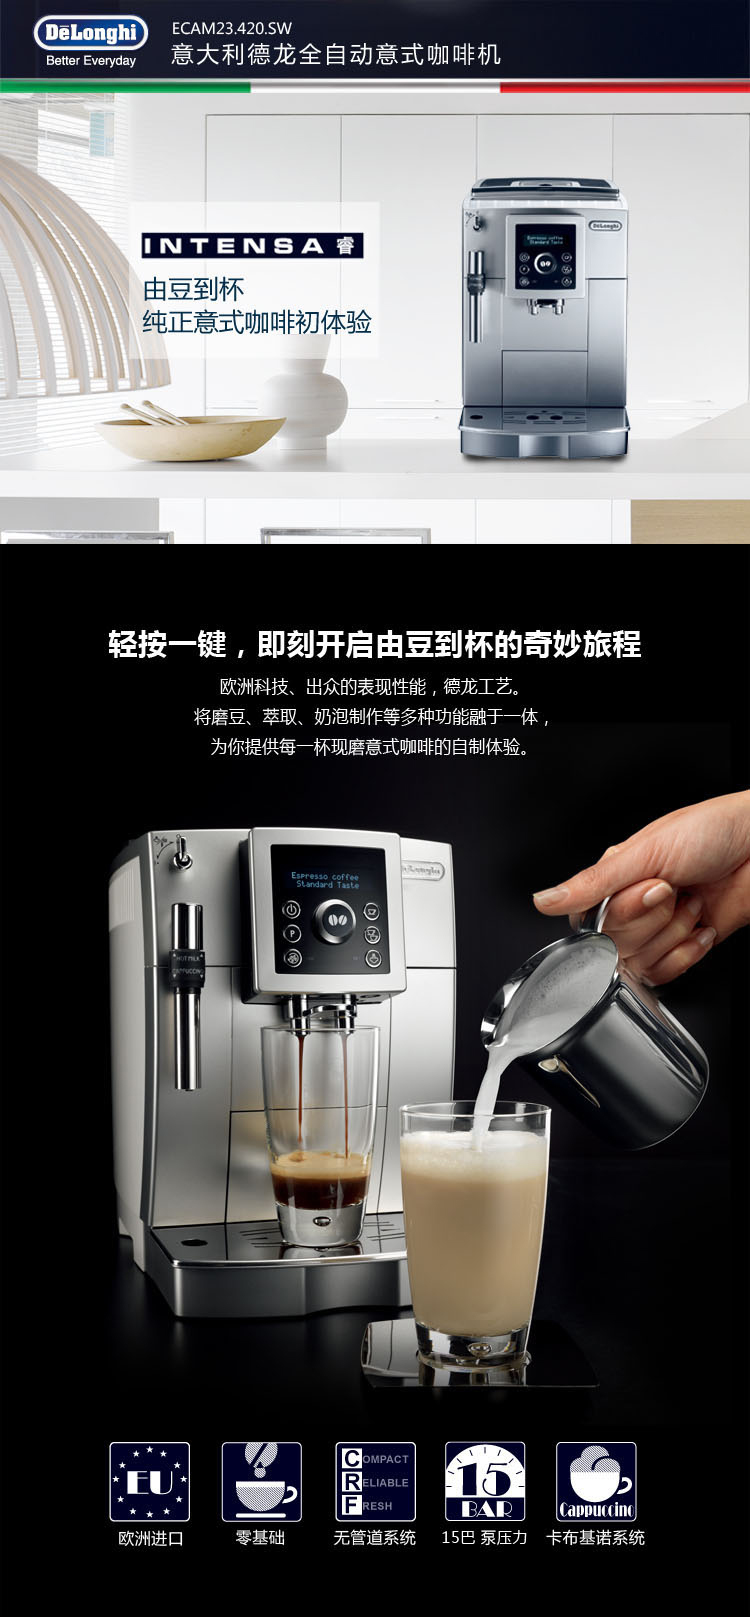 意大利德龙全自动意式咖啡机